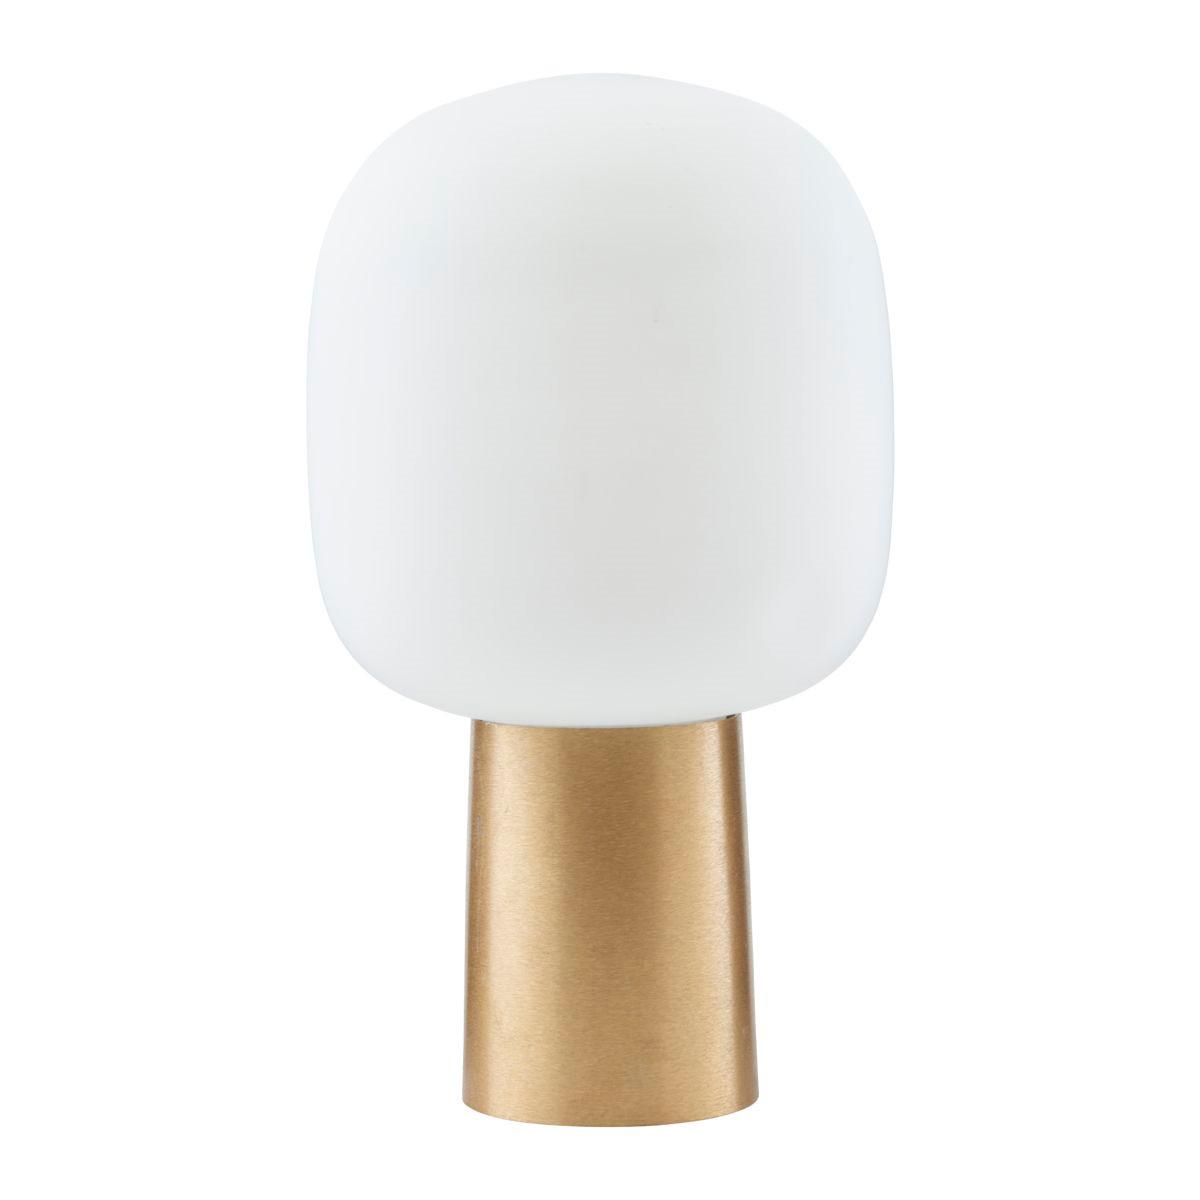 Köp lampor fån House Doctor här CompletLiving.se